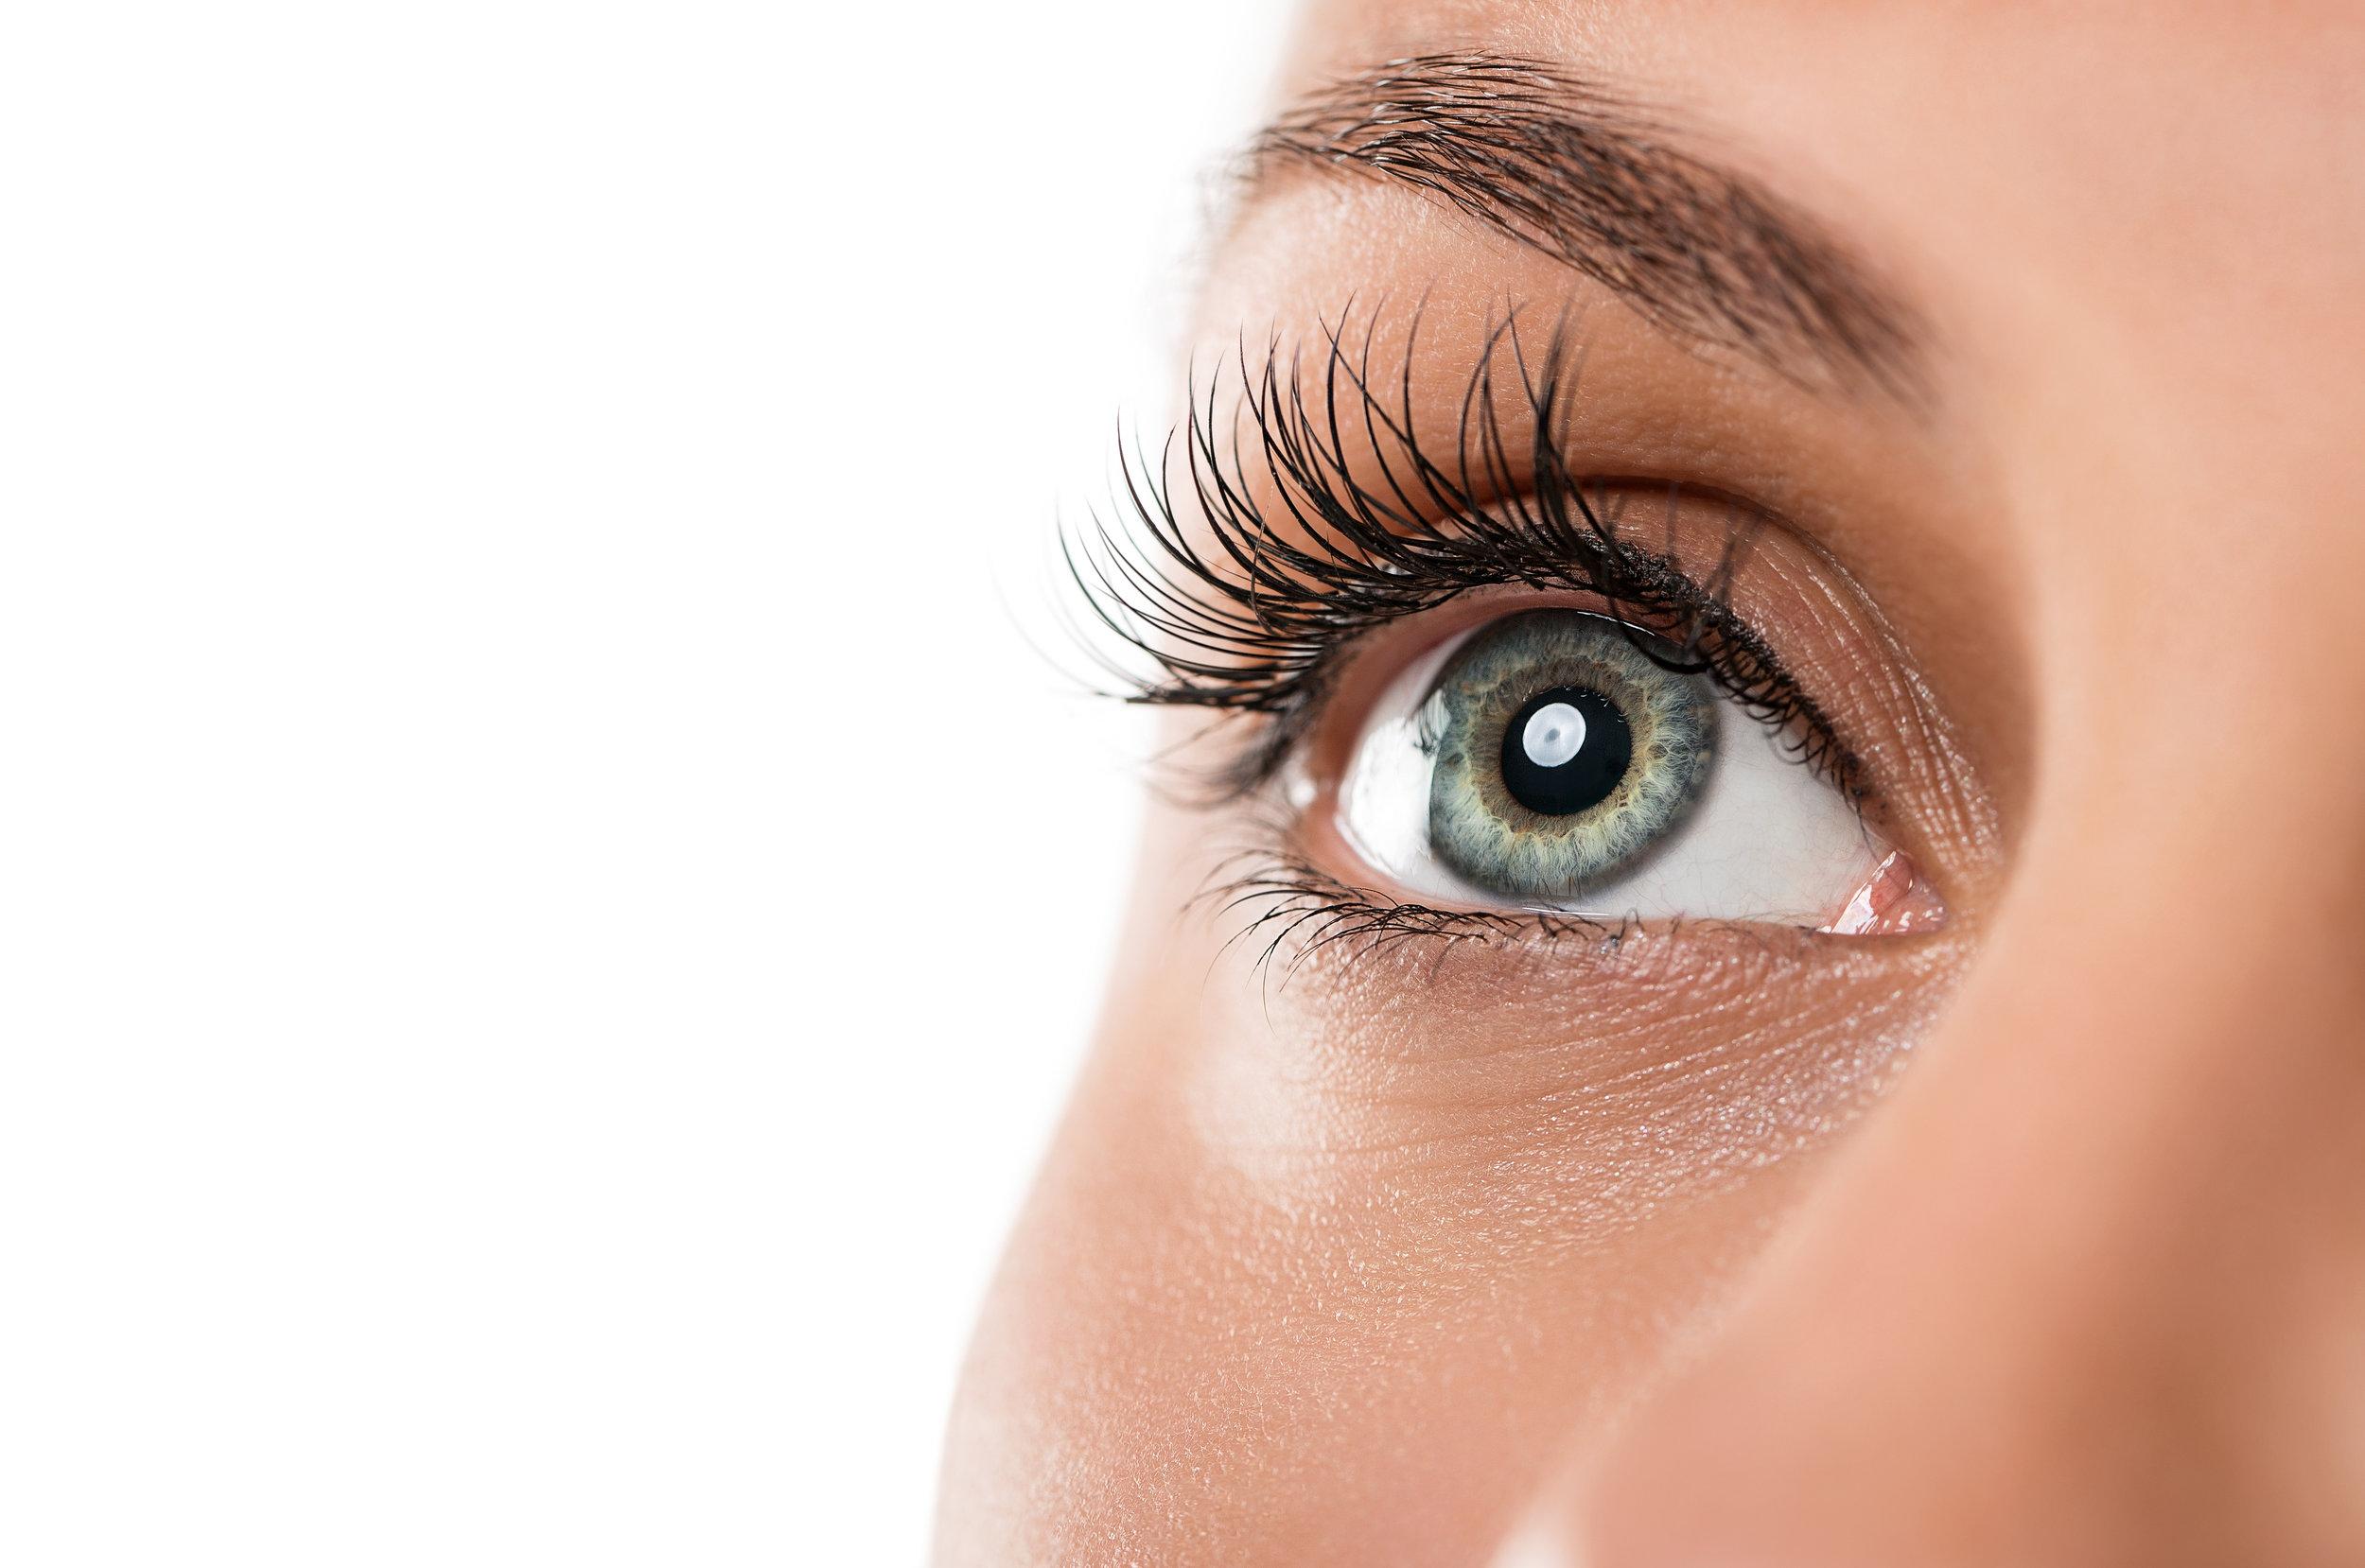 Intralash - Le maquillage permanent des yeux est une intervention qui vise à mettre en valeur la forme de l'œil, définir votre regard et lui donner plus de profondeur. Différentes solutions permanentes existent pour maquiller les yeux :• Épaissir la ligne des cils et redessiner le contour de l'œil.• Dessiner un trait d'eyeliner (inférieur ou supérieur).• Densification ciliaire etc.Il est envisageable d'opter pour plusieurs de ces solutions à la fois.